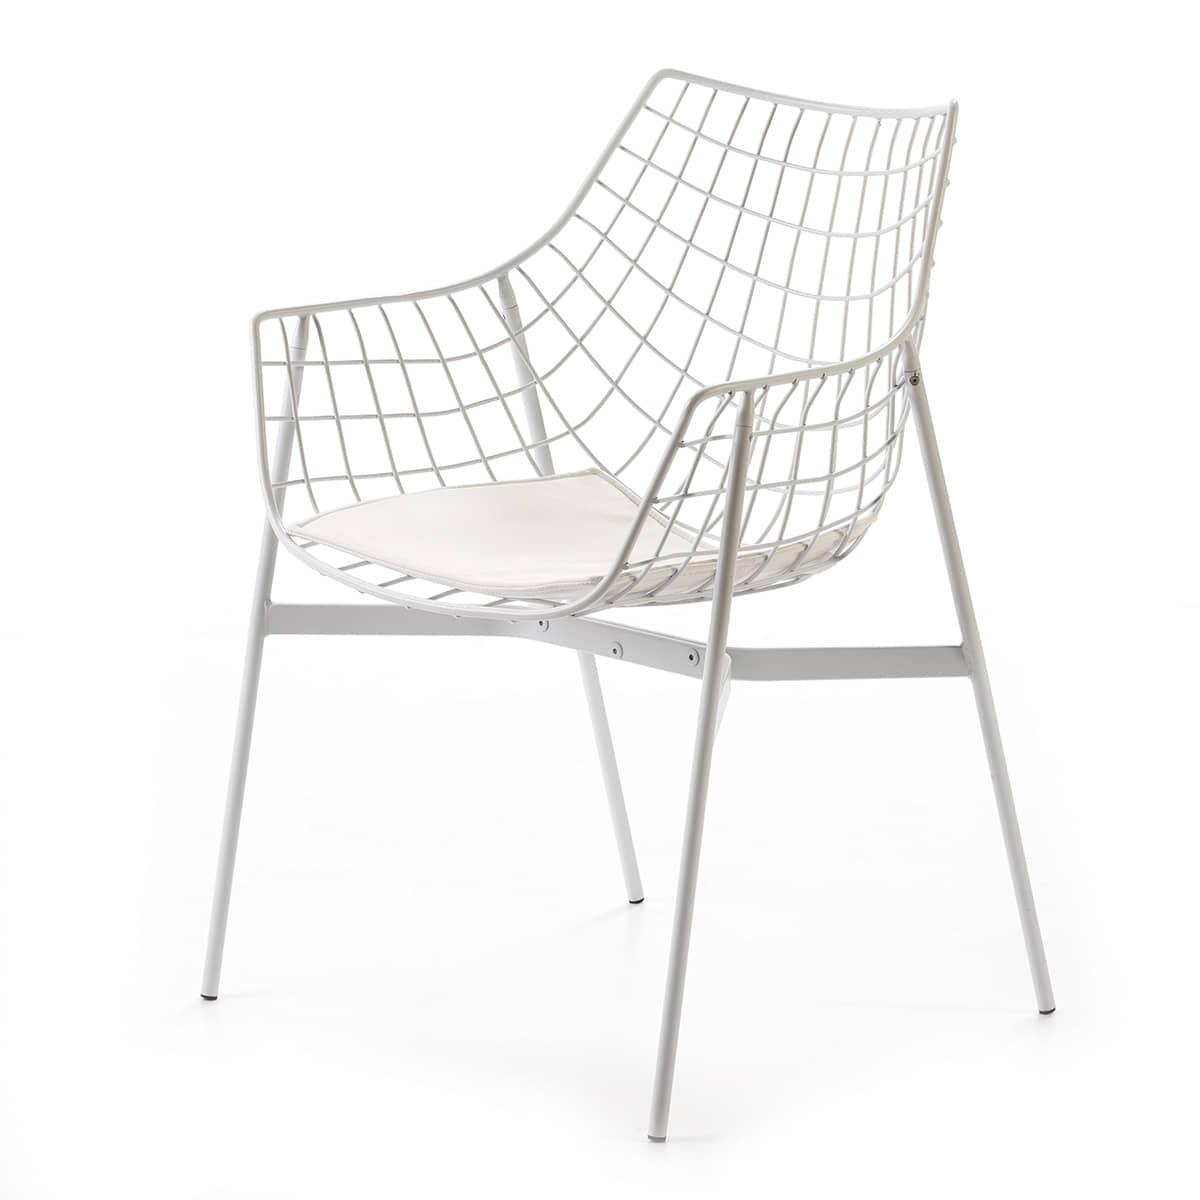 silla-metal-blanco-cómoda-borgiaconti